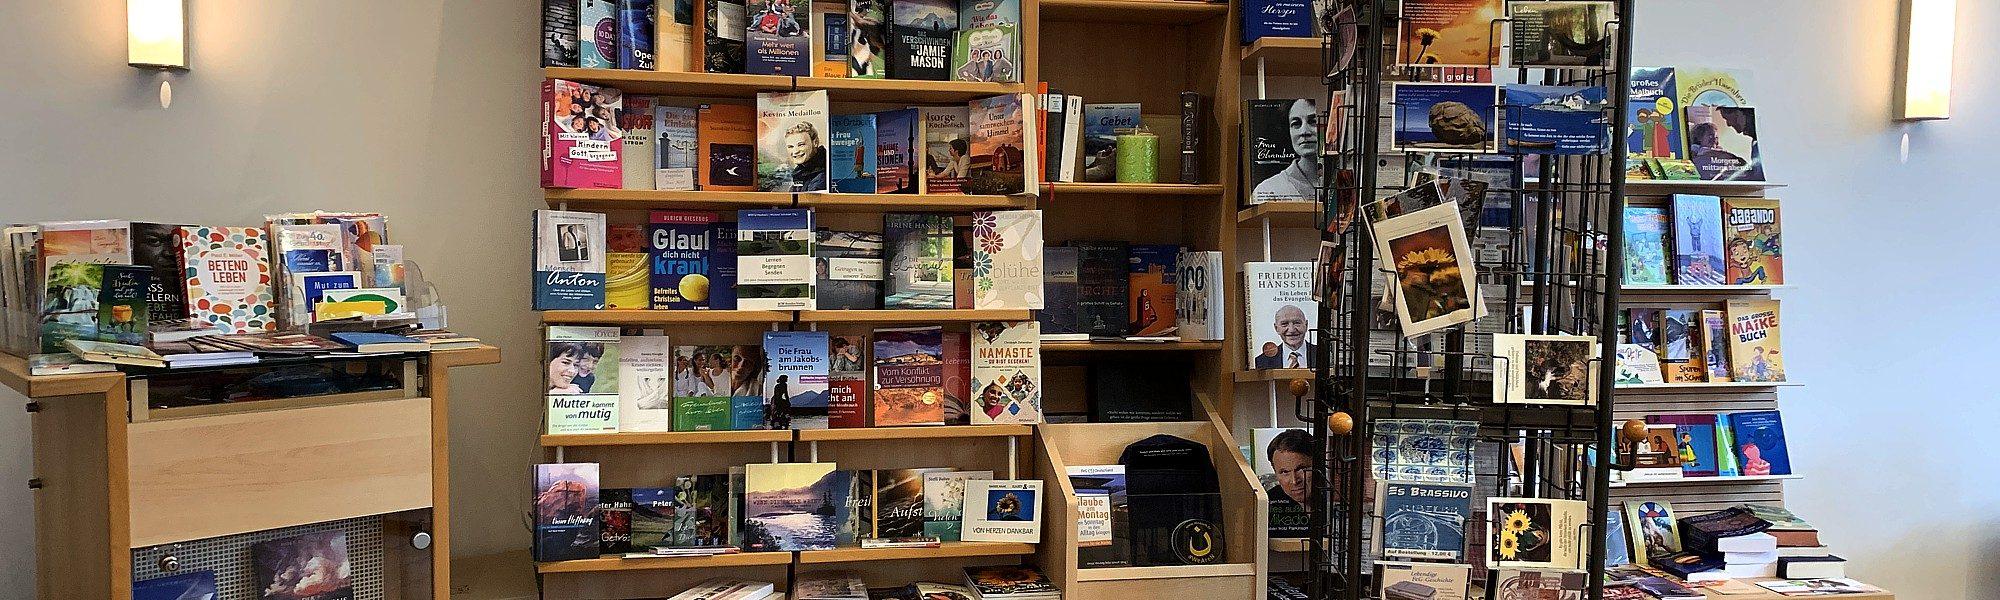 Freie evangelische Gemeinde Wuppertal Barmen - Bücher - CDs - DVDs